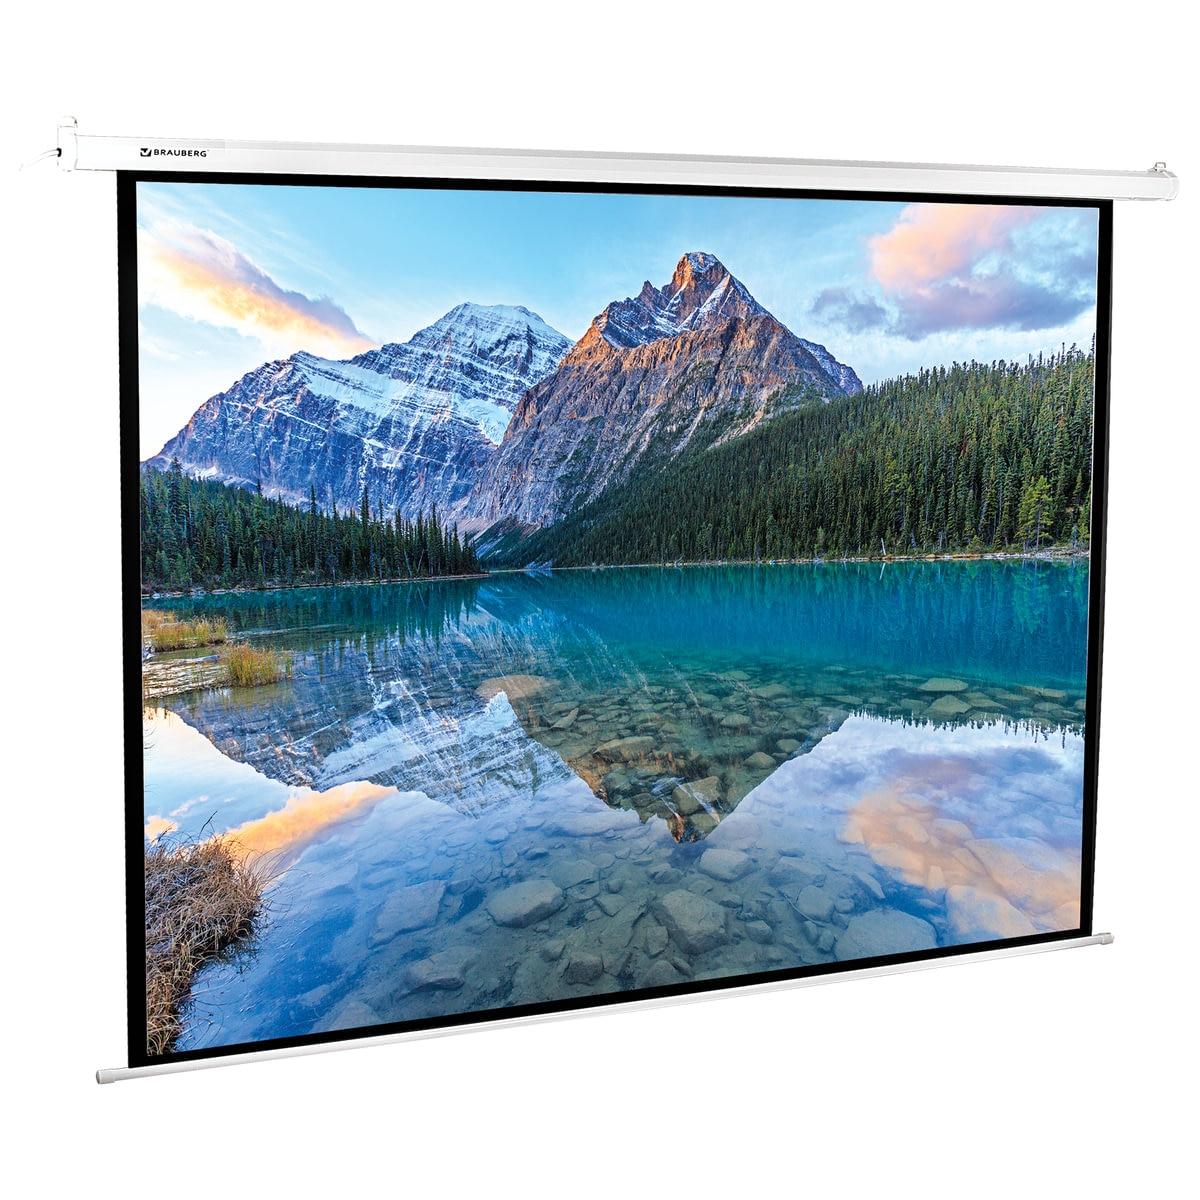 Экран проекционный Brauberg Moto, матовый, настенный, электропривод, 180х240 см, 4:3|Проекционные экраны| | АлиЭкспресс